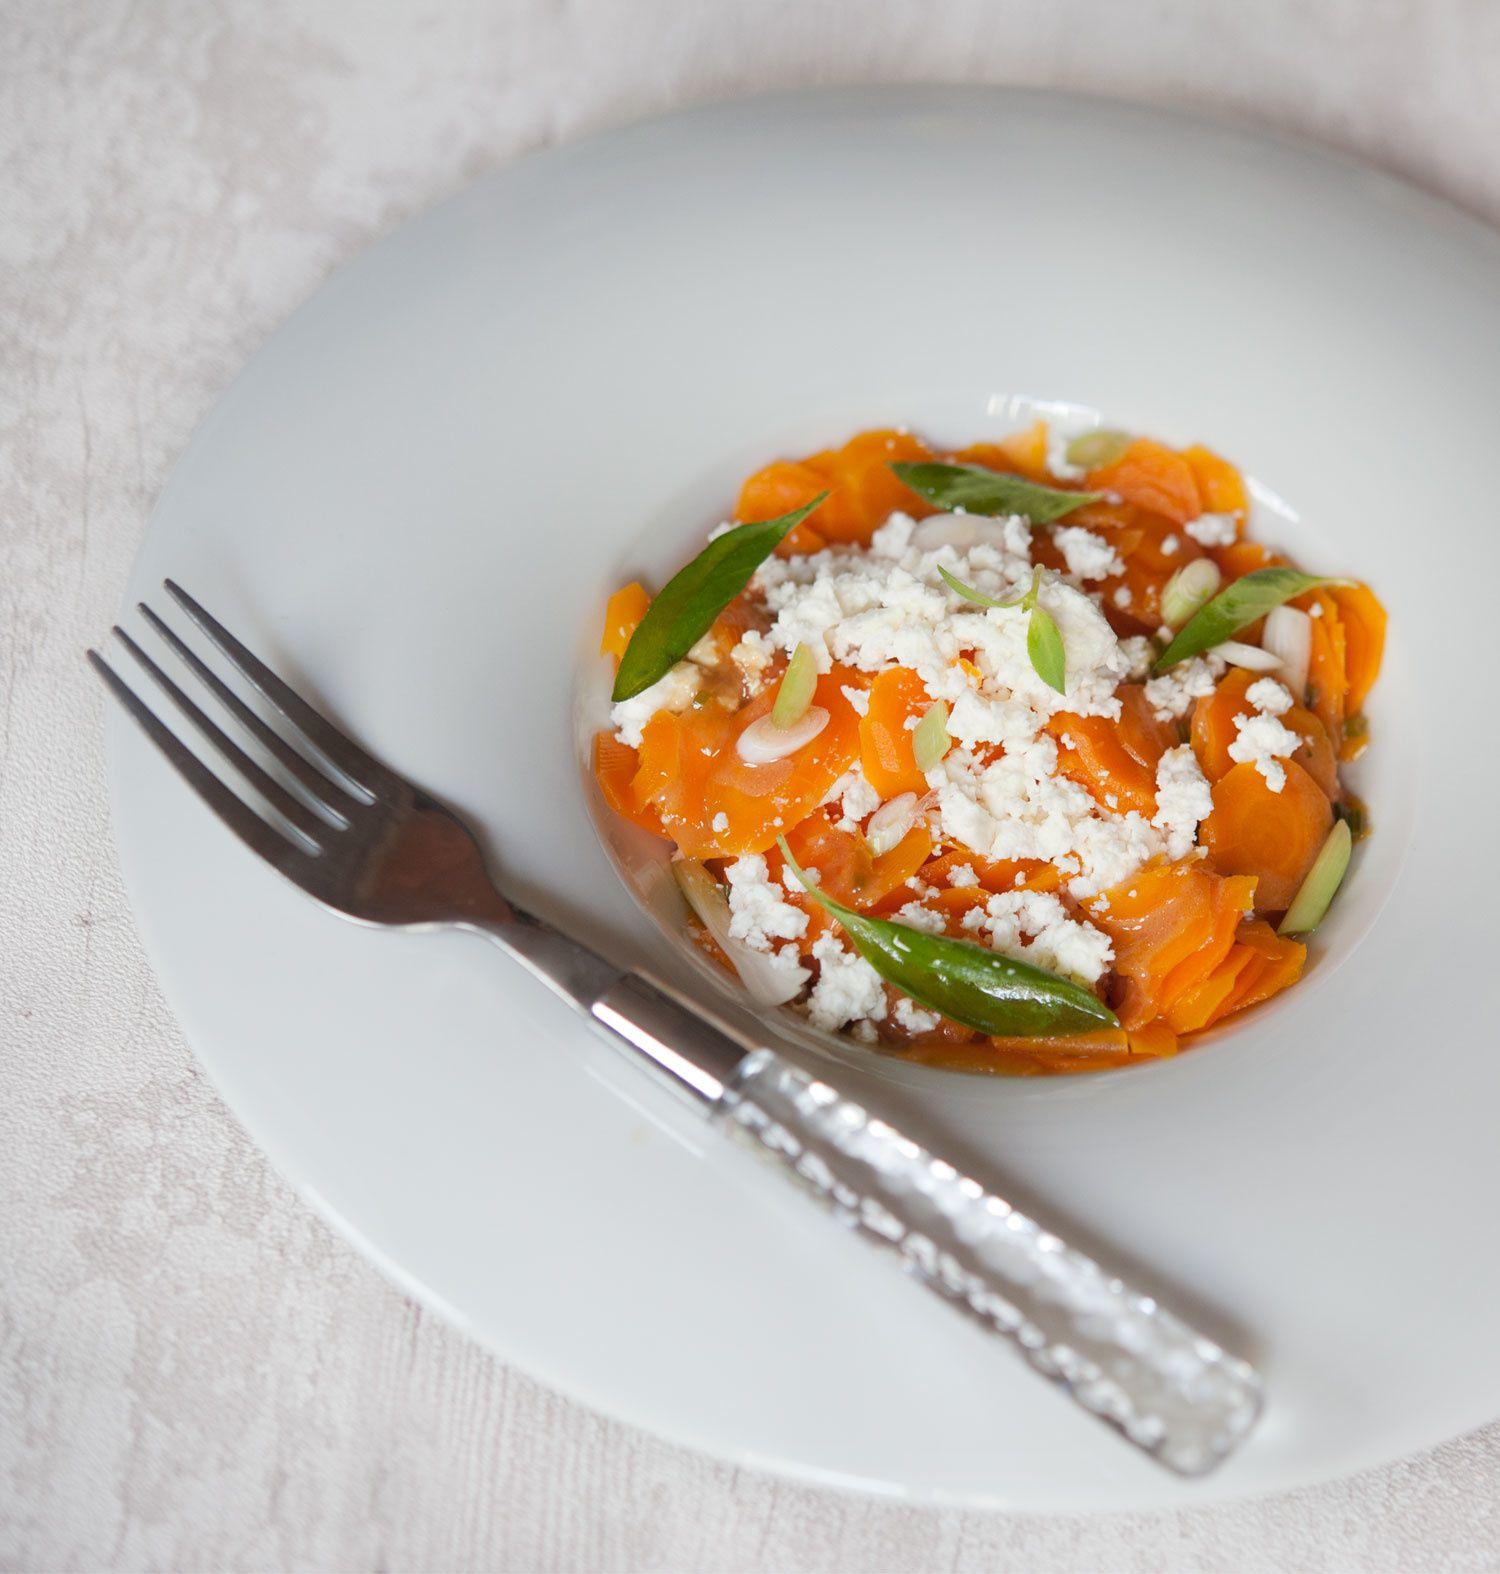 Carottes en salade à la féta et au basilic